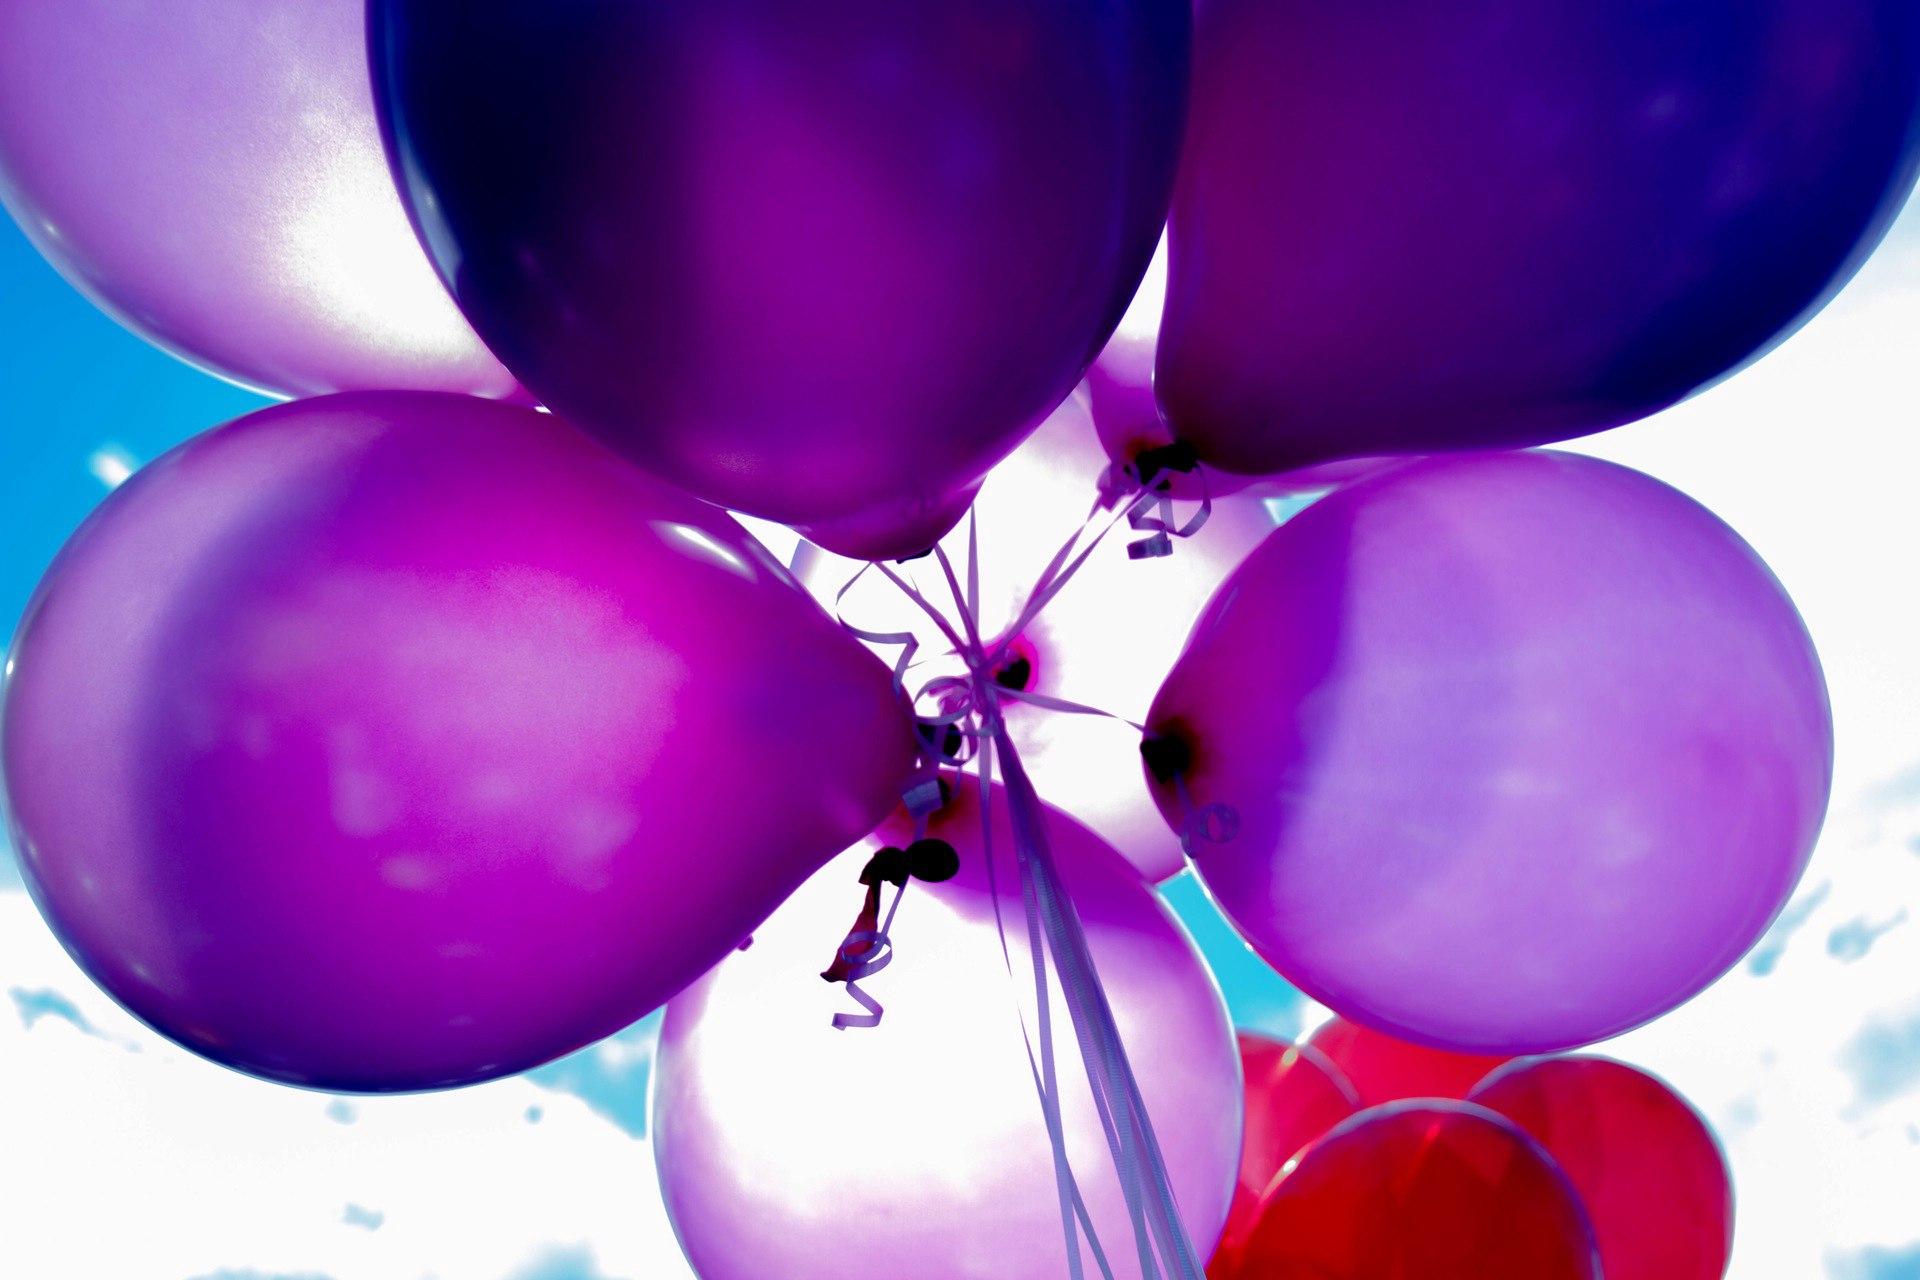 Поздравляем наших подписчиков с днем рождения!